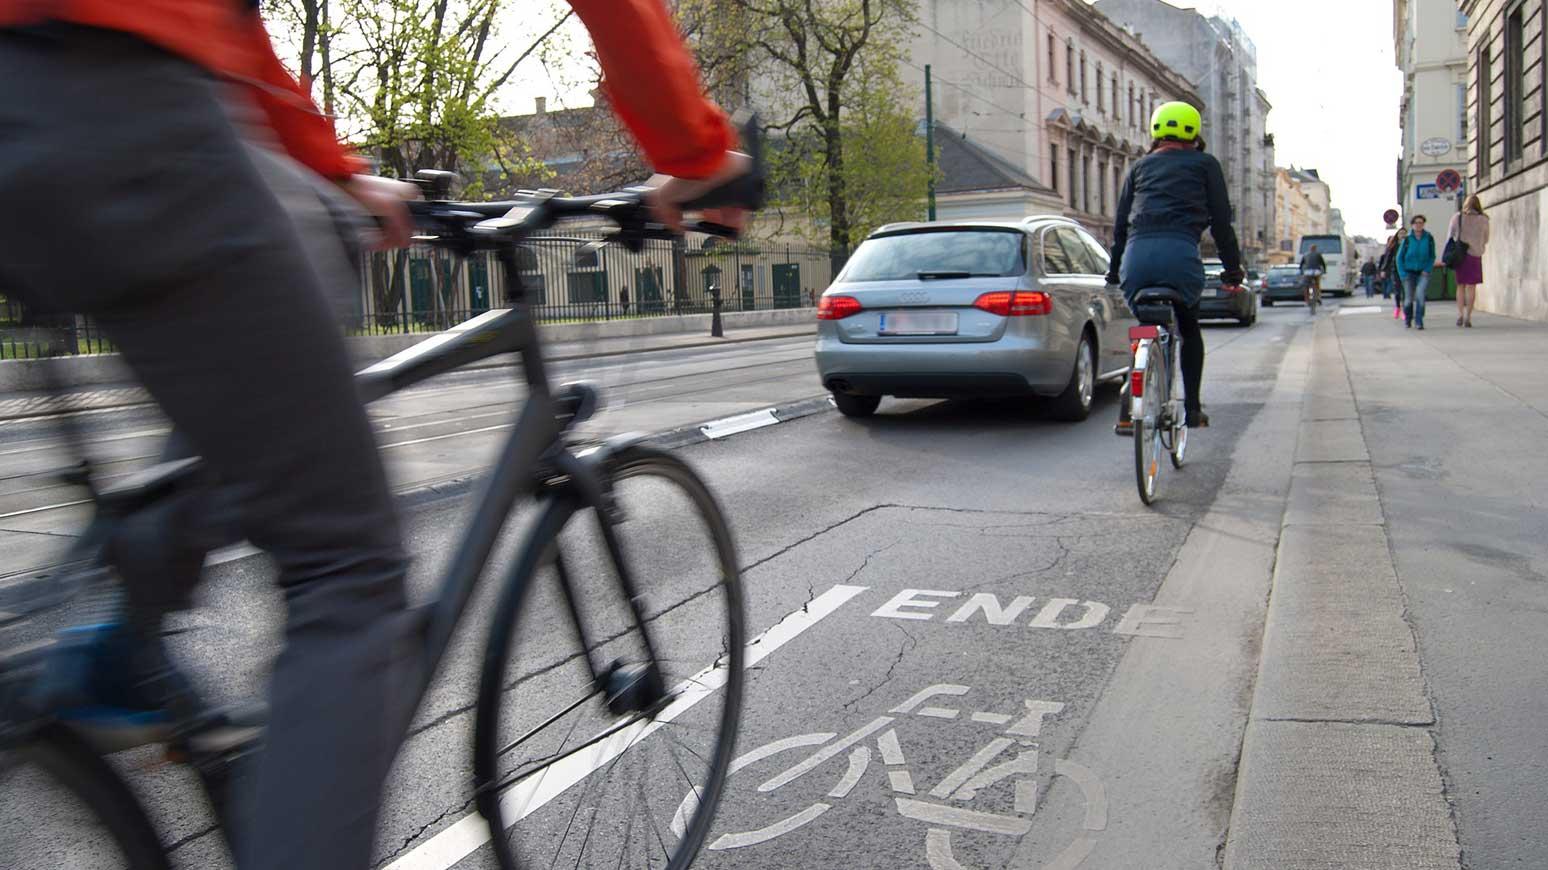 Richtig radfahrer wie verhalten sich jetzt sie Wie Verhalten